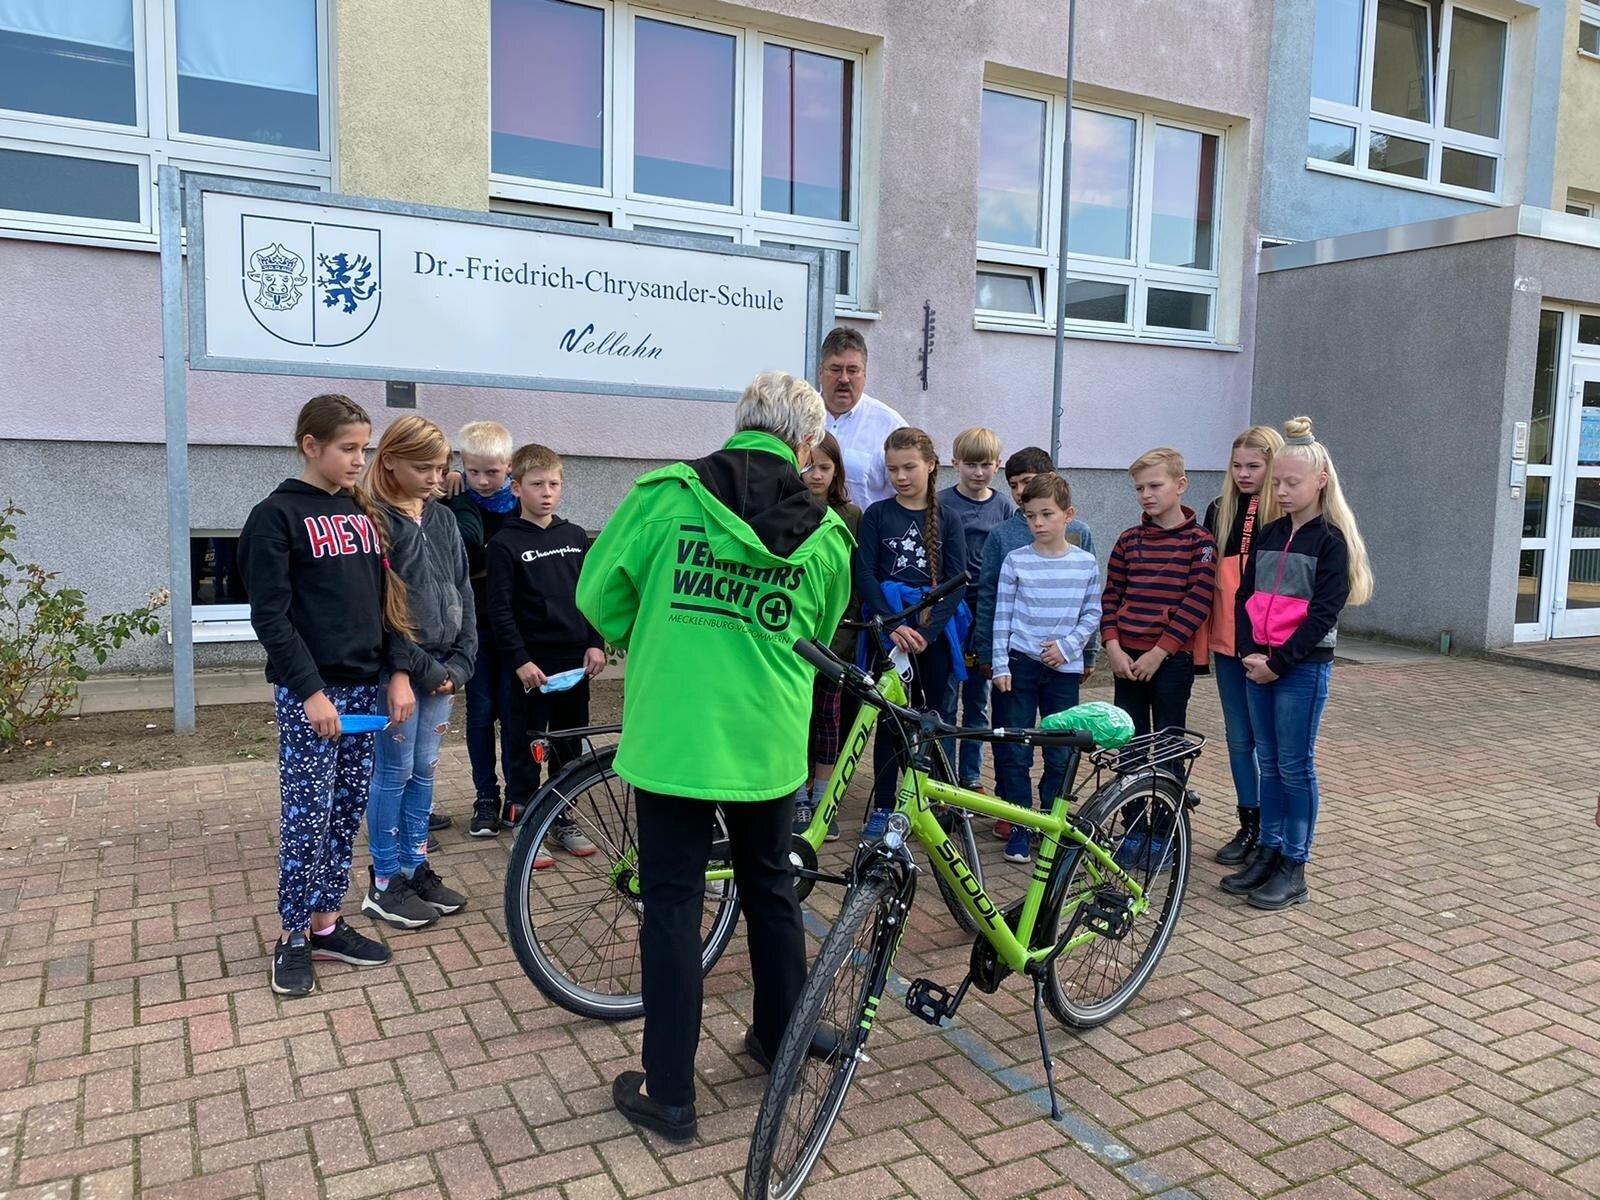 Räder für die Fahrradprüfung 2